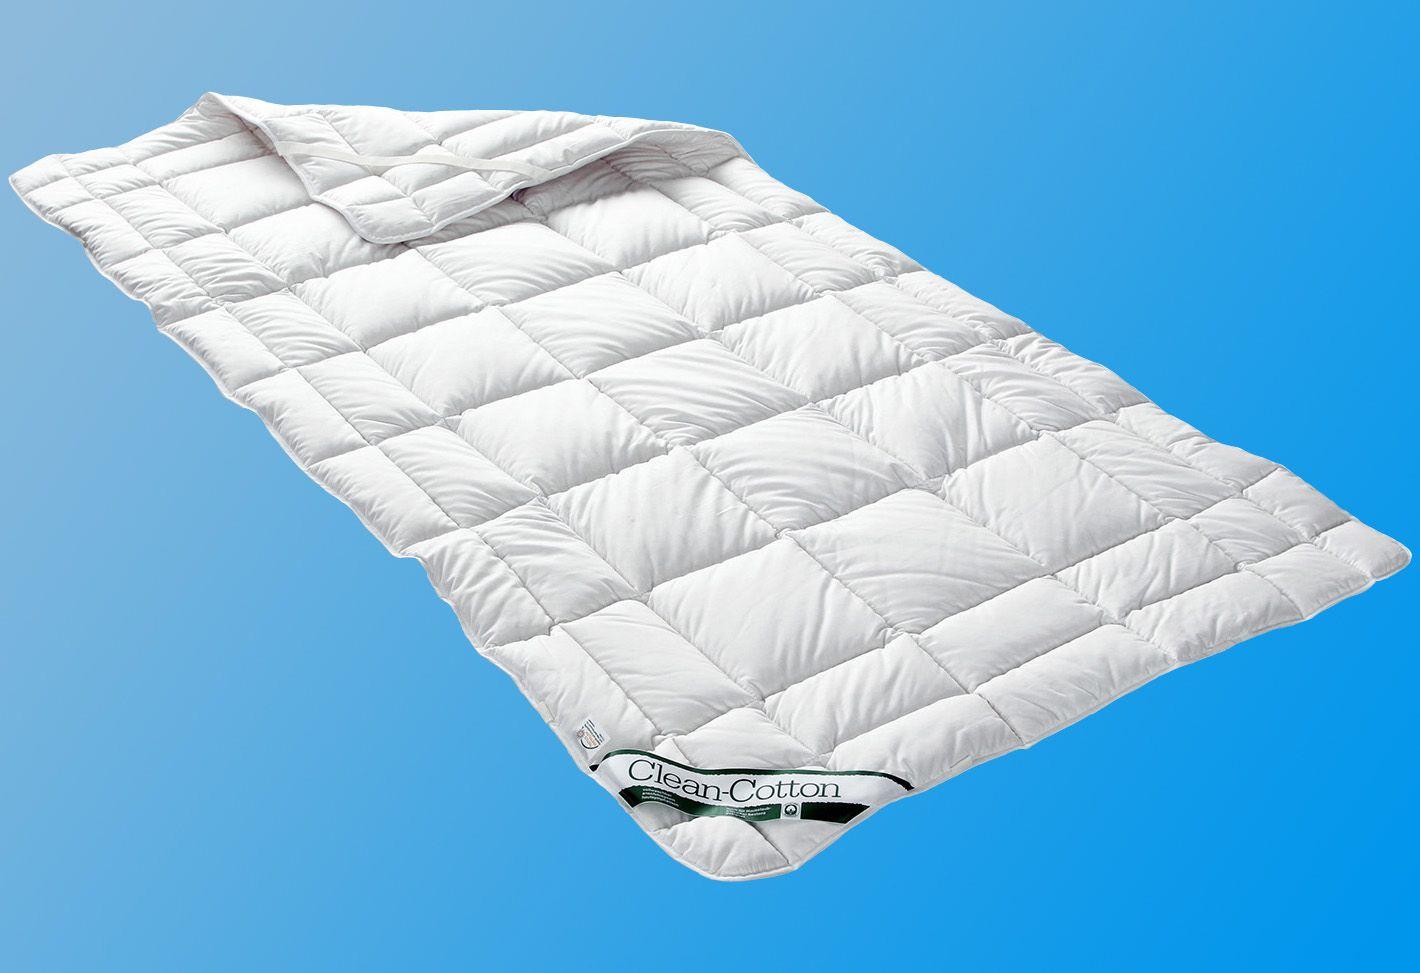 BADENIA Matratzenauflage, »Unterbett Clean Cotton«, Badenia